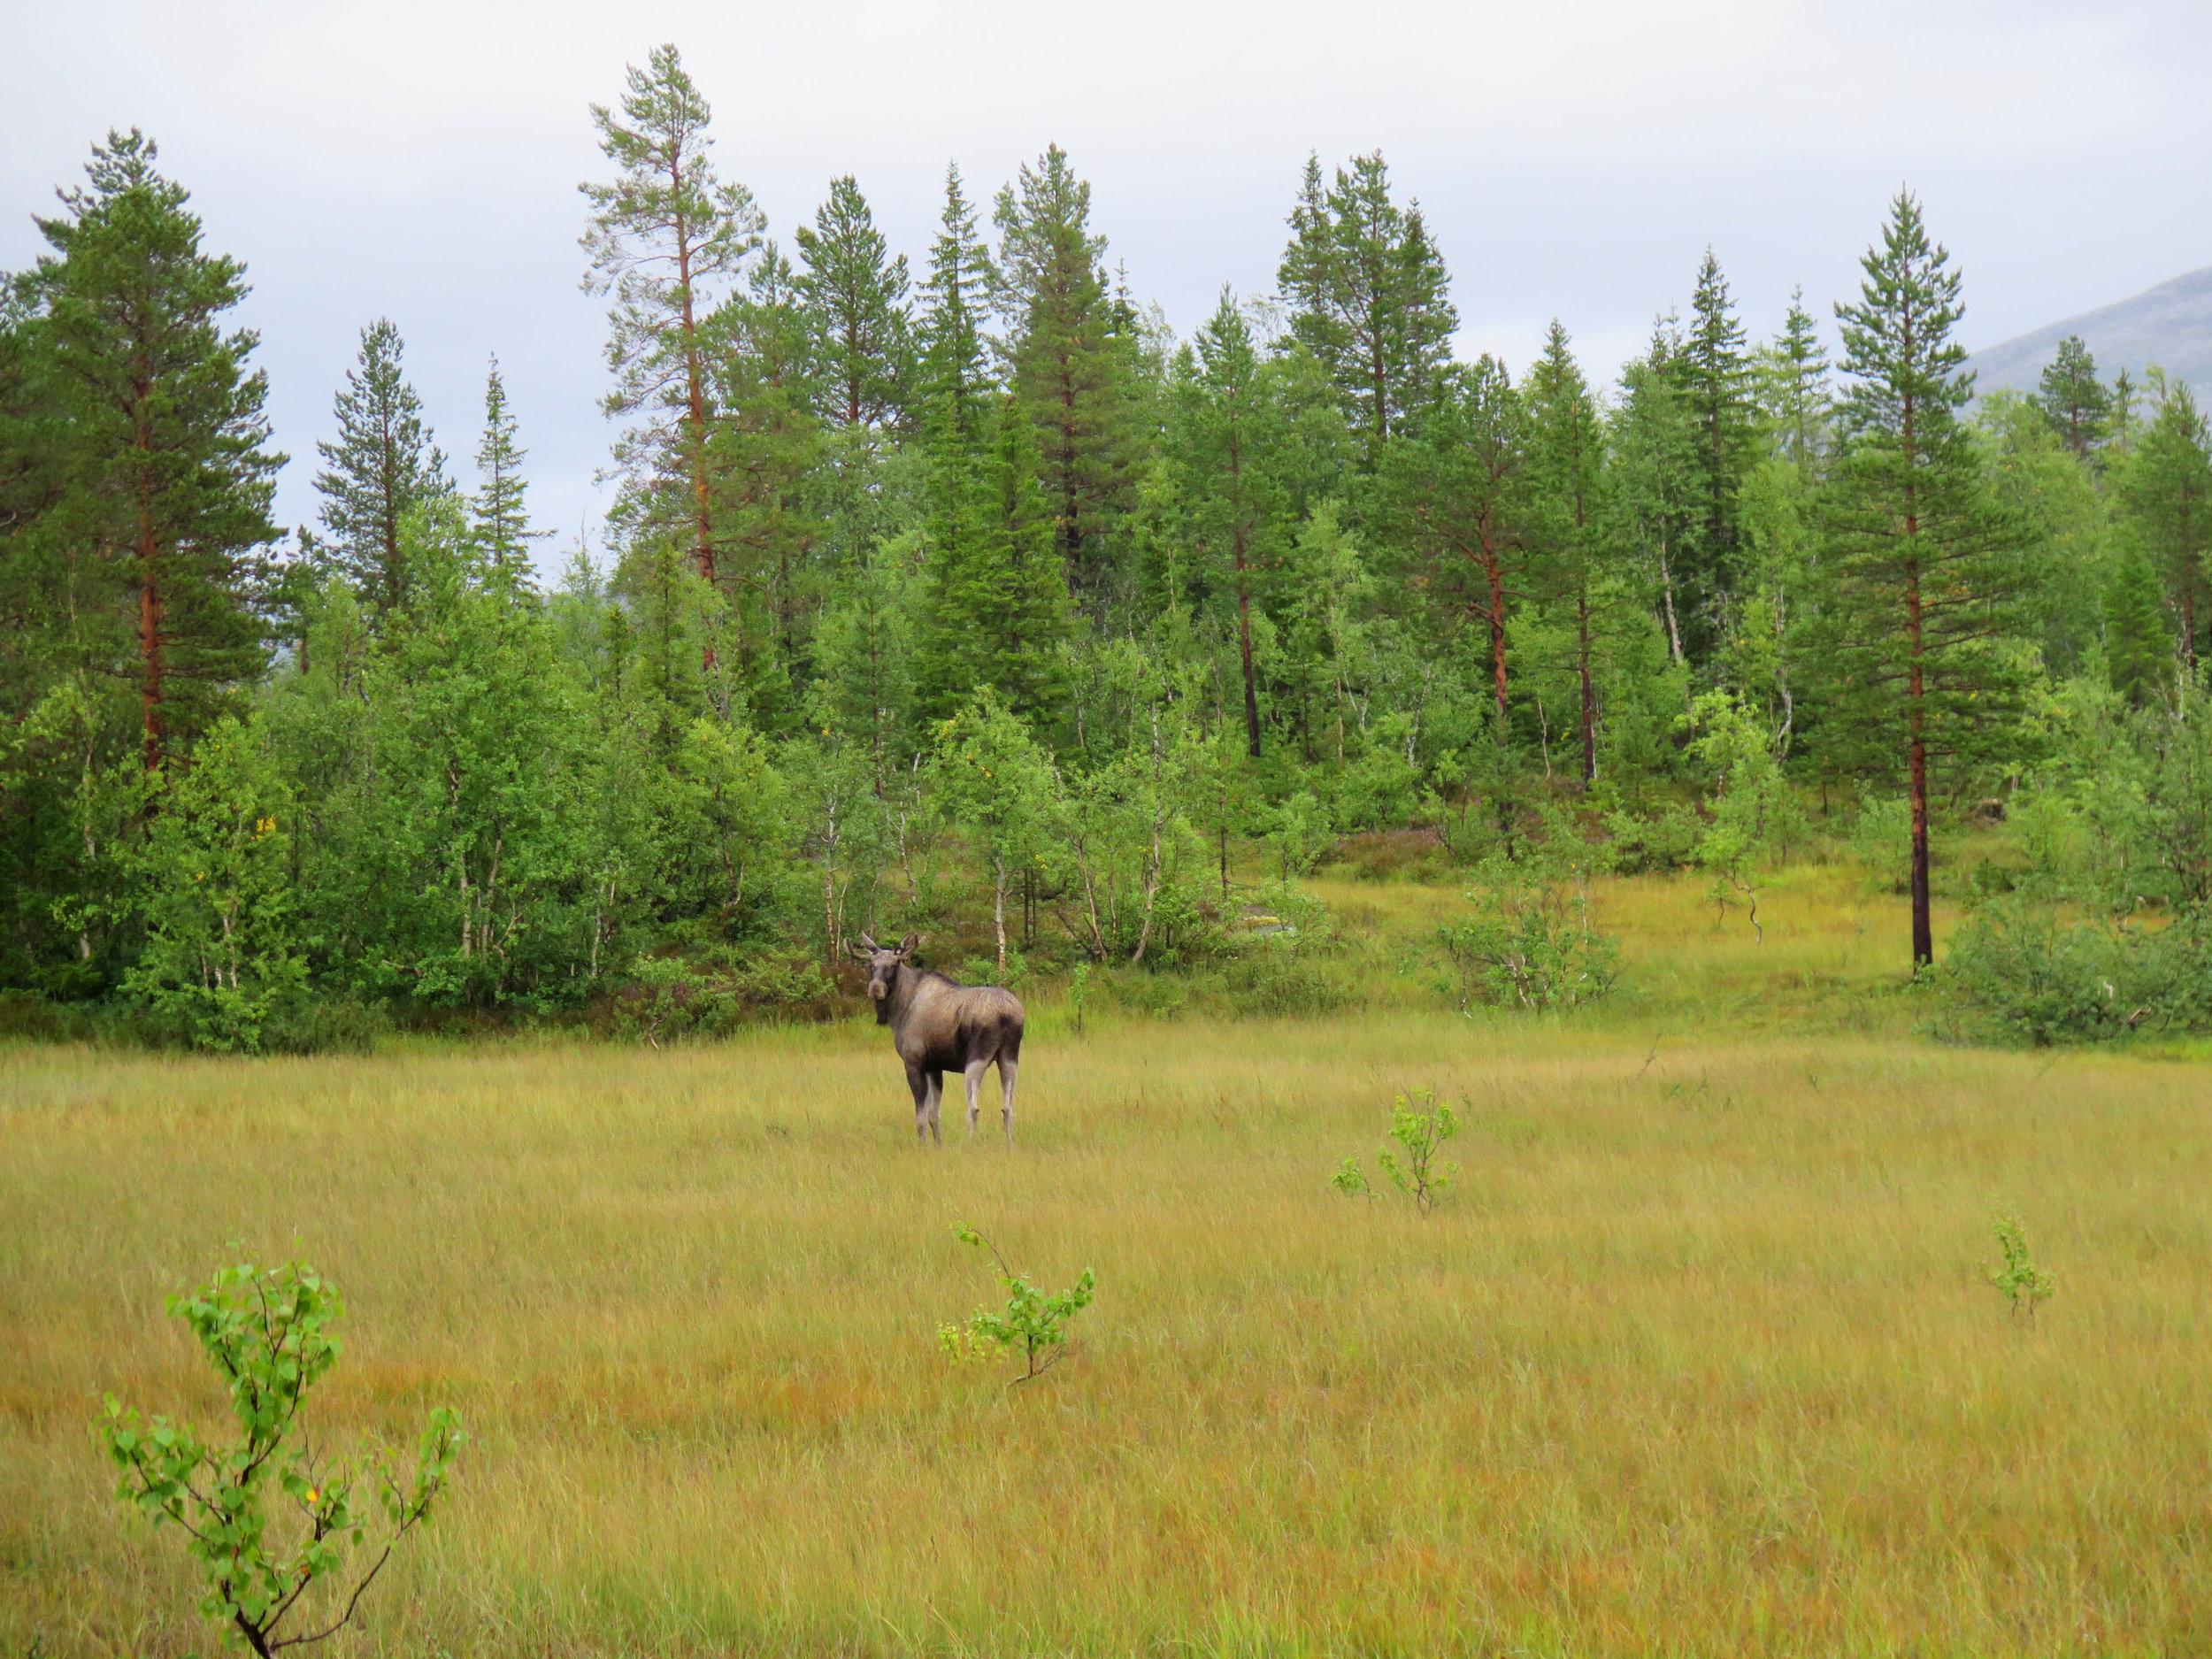 Norway Moose